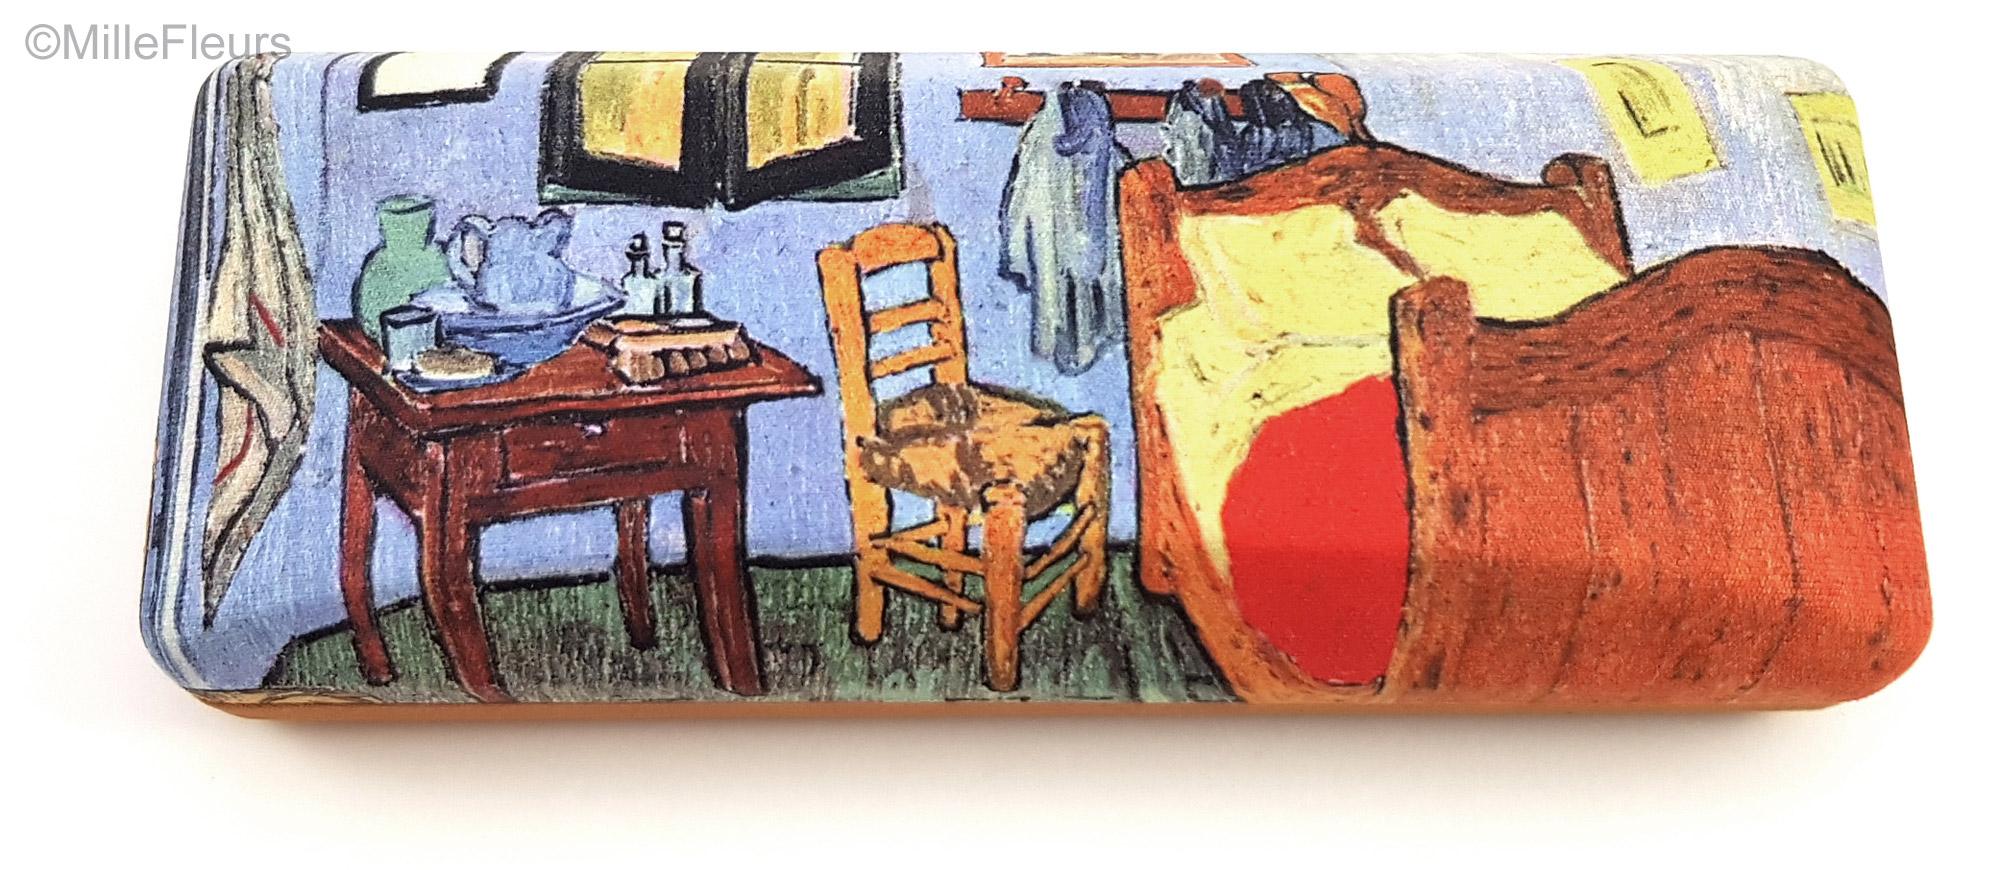 Lunettes Chambrevincent Van À La GoghEtuis Accessoires K1JcTl3uF